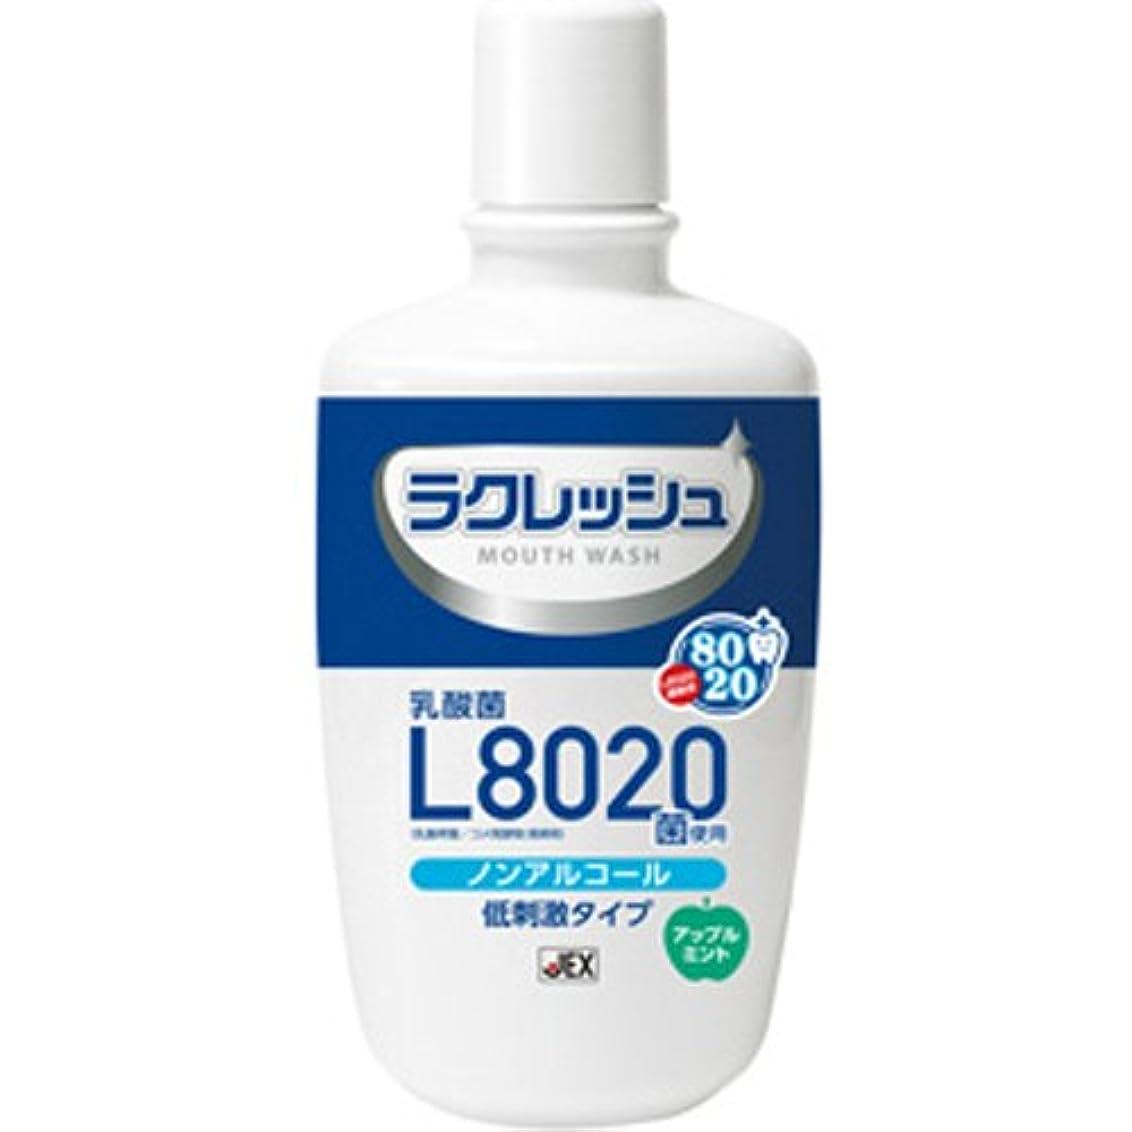 幽霊昆虫マーキーラクレッシュ L8020菌入 マウスウォッシュ × 10個セット